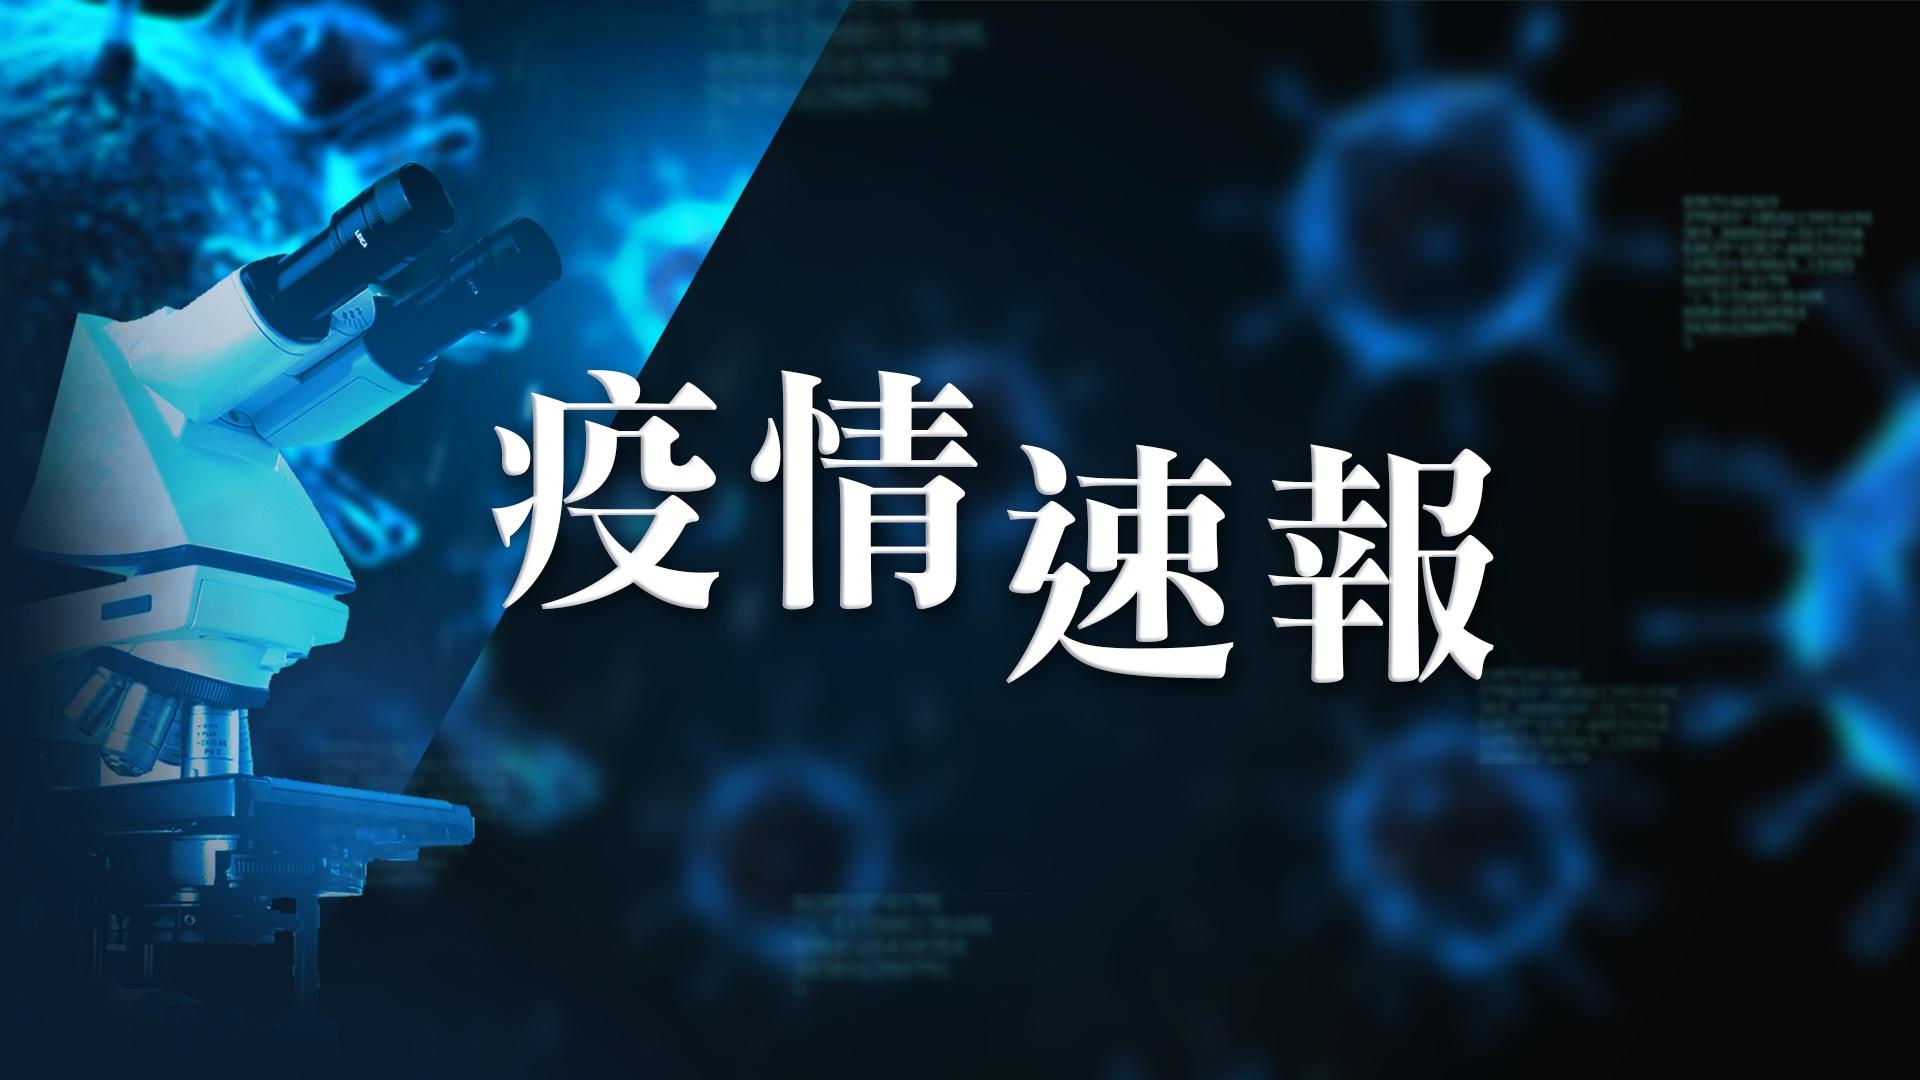 【8月12日疫情速報】(23:30)